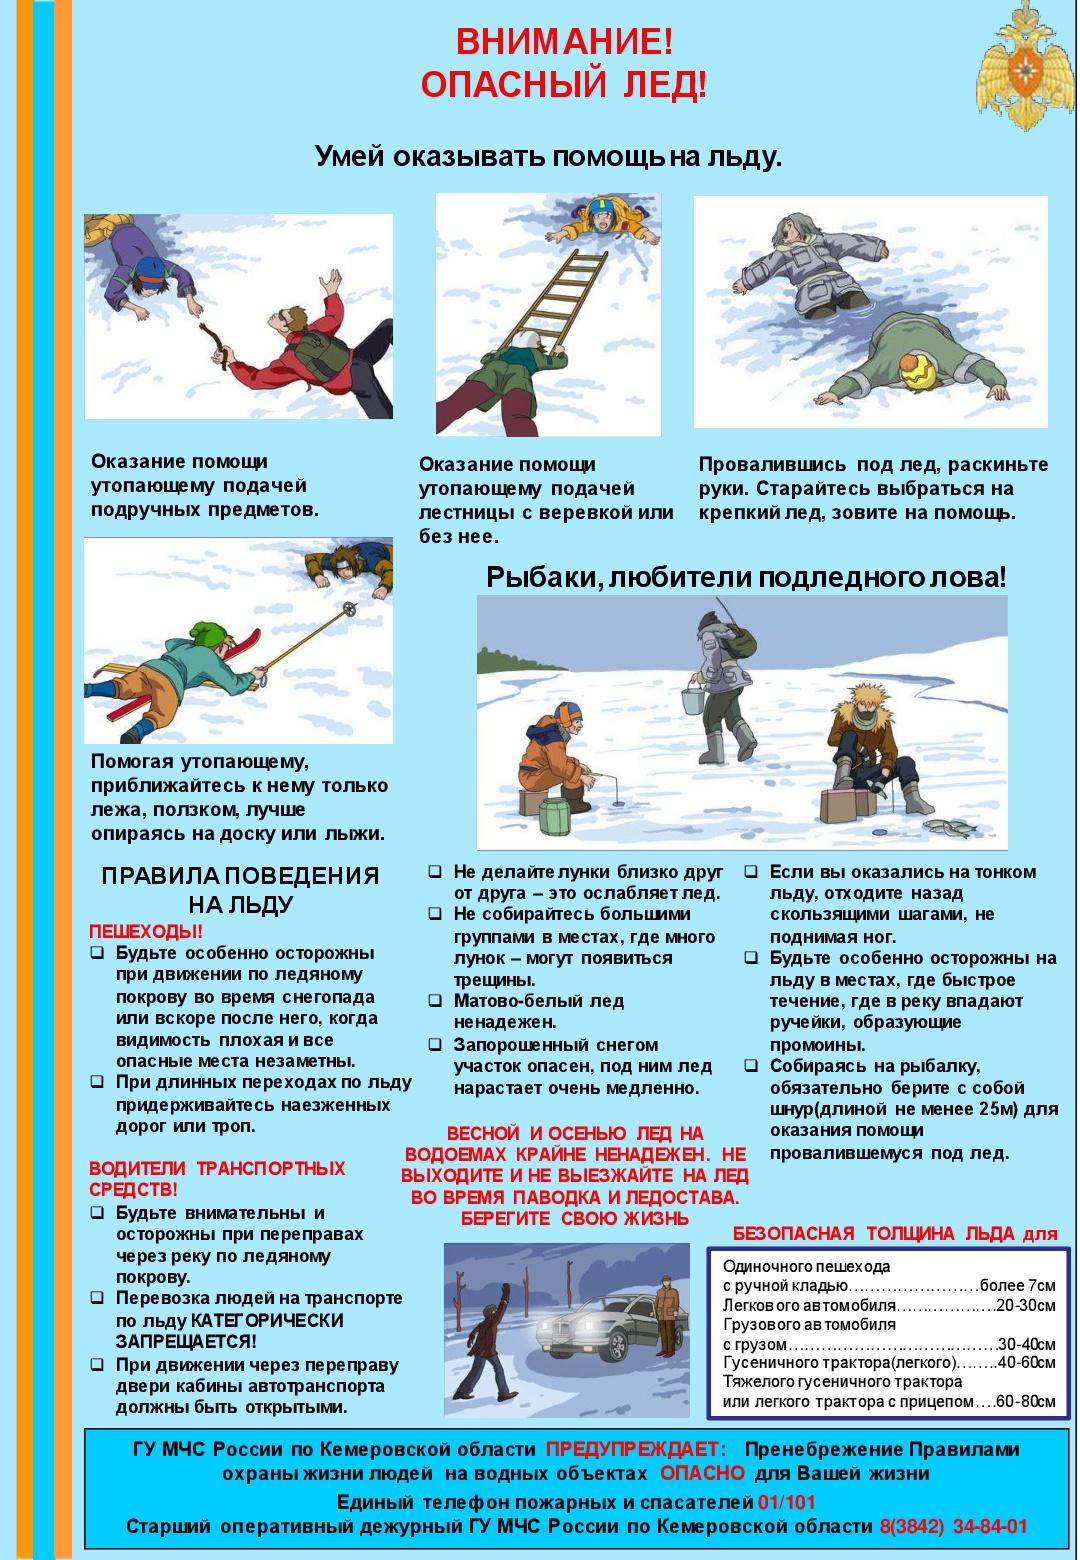 инструкция для персонала при землетрясении